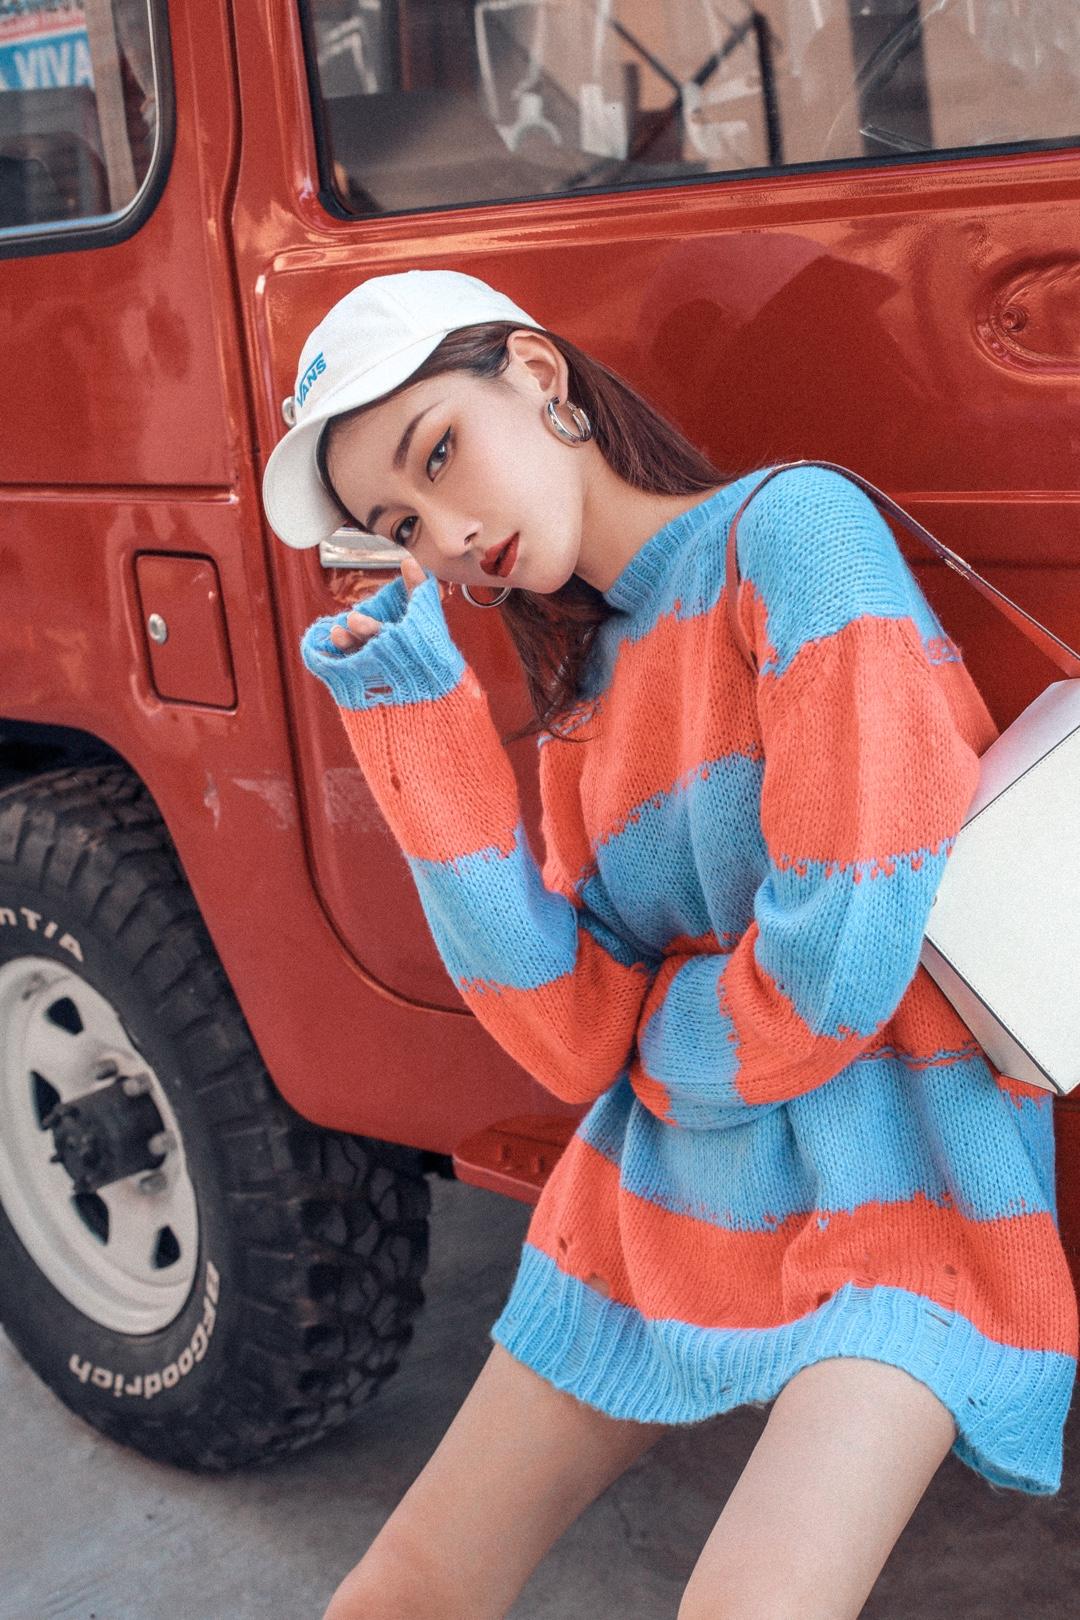 橙🍊与蓝🌊 撞色的秋冬LOOK 近期很爱的毛衣  拍照逛街夜宵都穿它 OOTD: 毛衣:Acne Studios 鞋:Fila 包包:DanseLente 帽子:Vans #150cm+进!冬季显高有口诀#